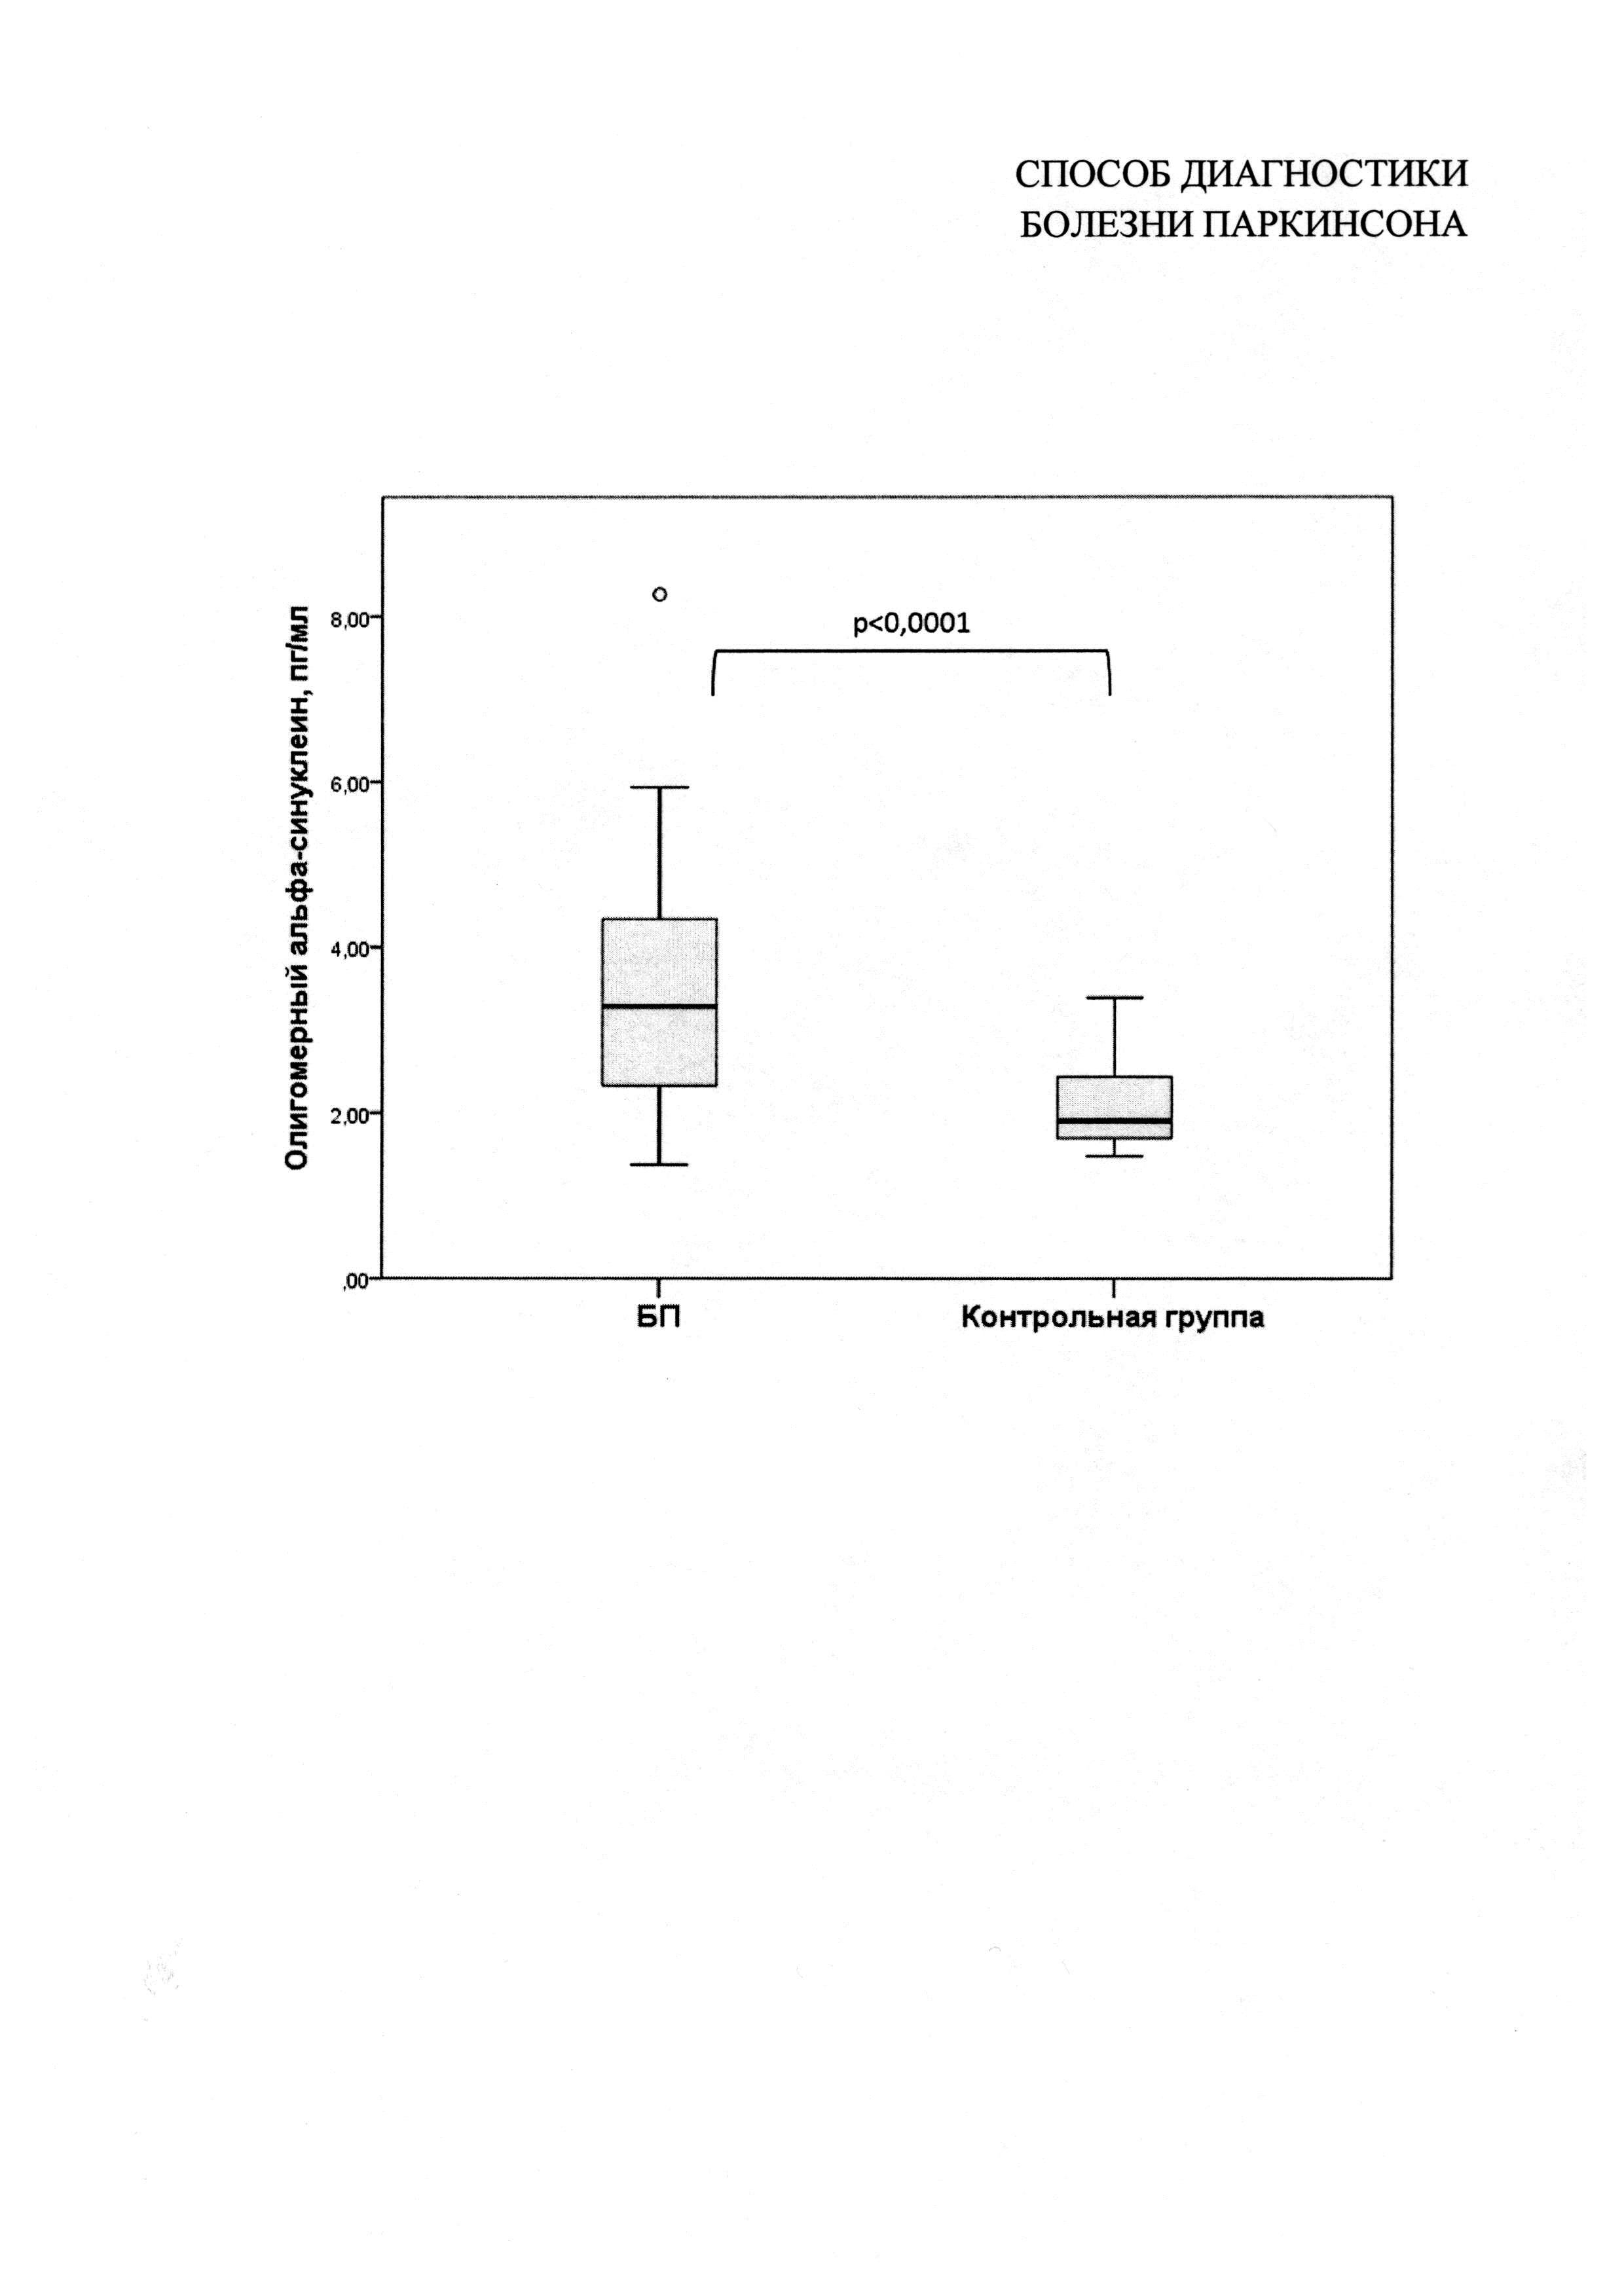 Способ диагностики болезни паркинсона